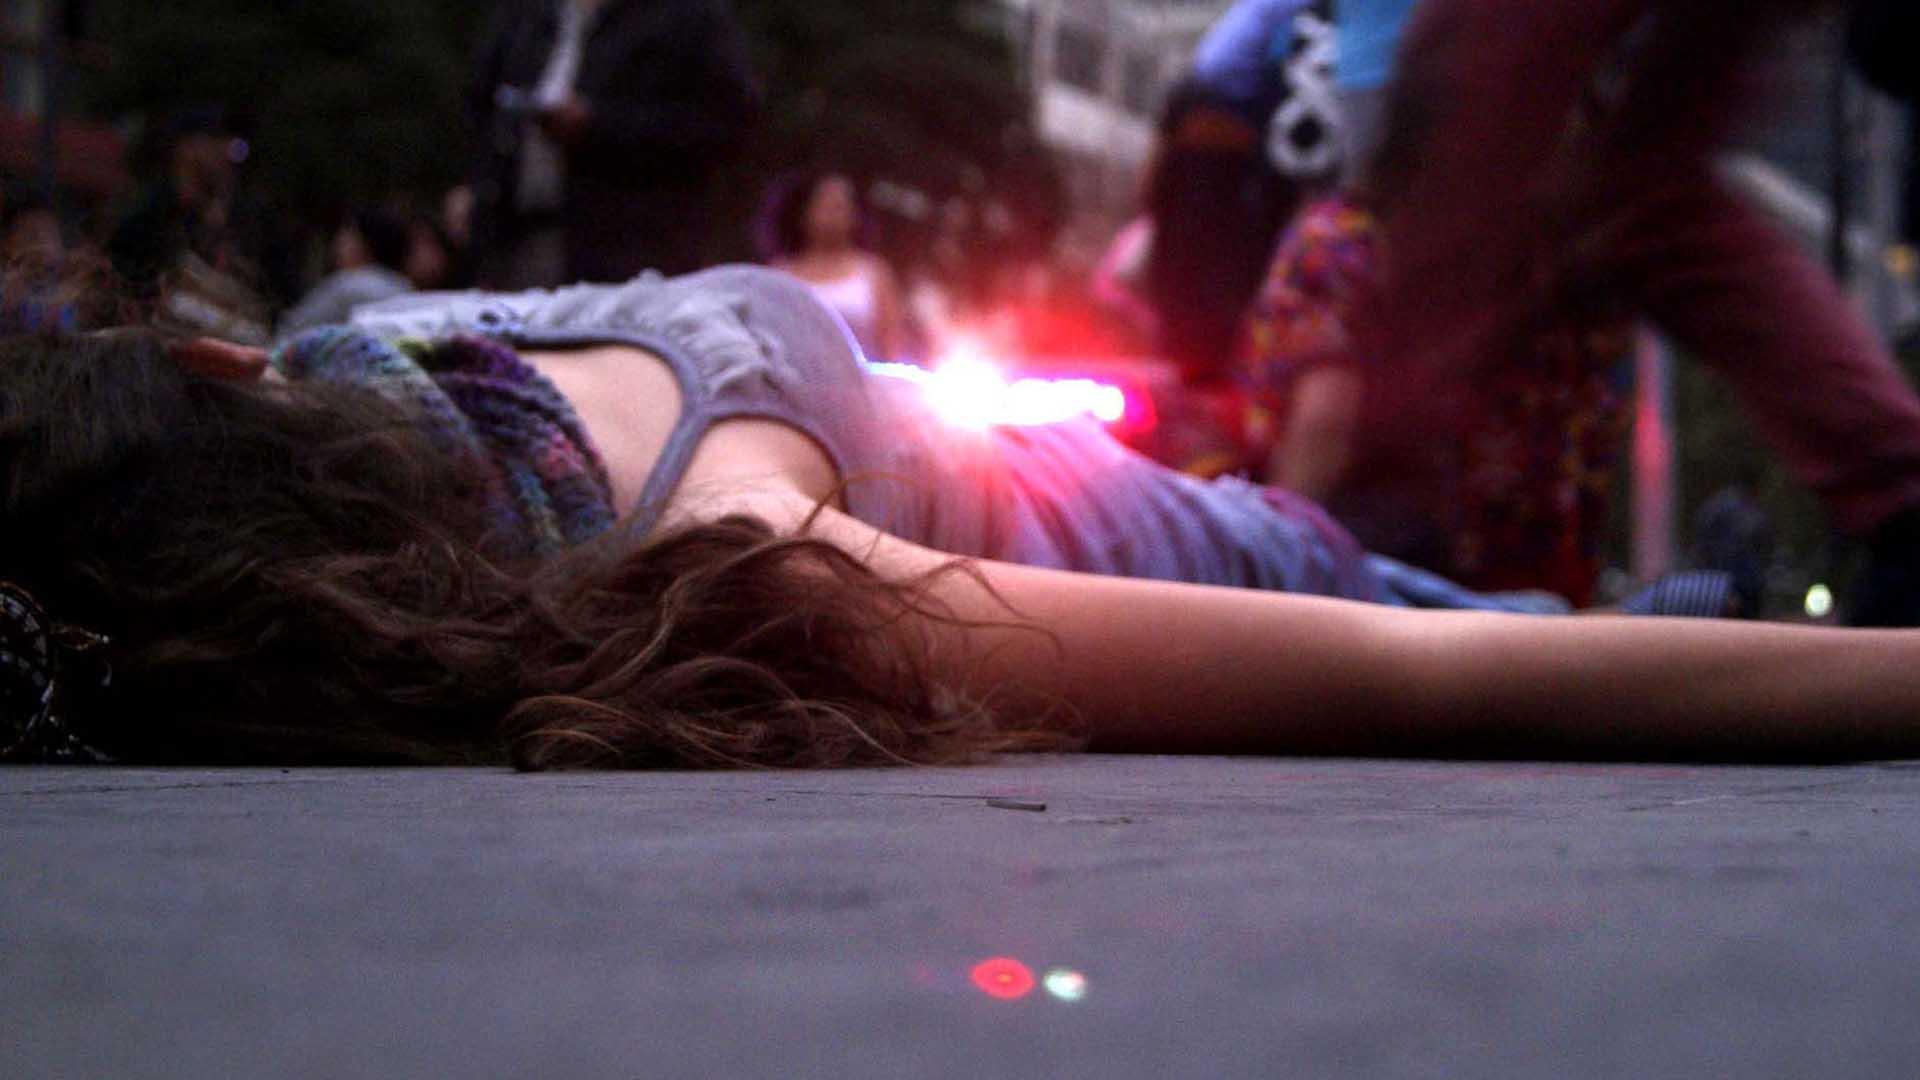 Nuevo caso de feminicidio, en el 2016 ya van 10 víctimas